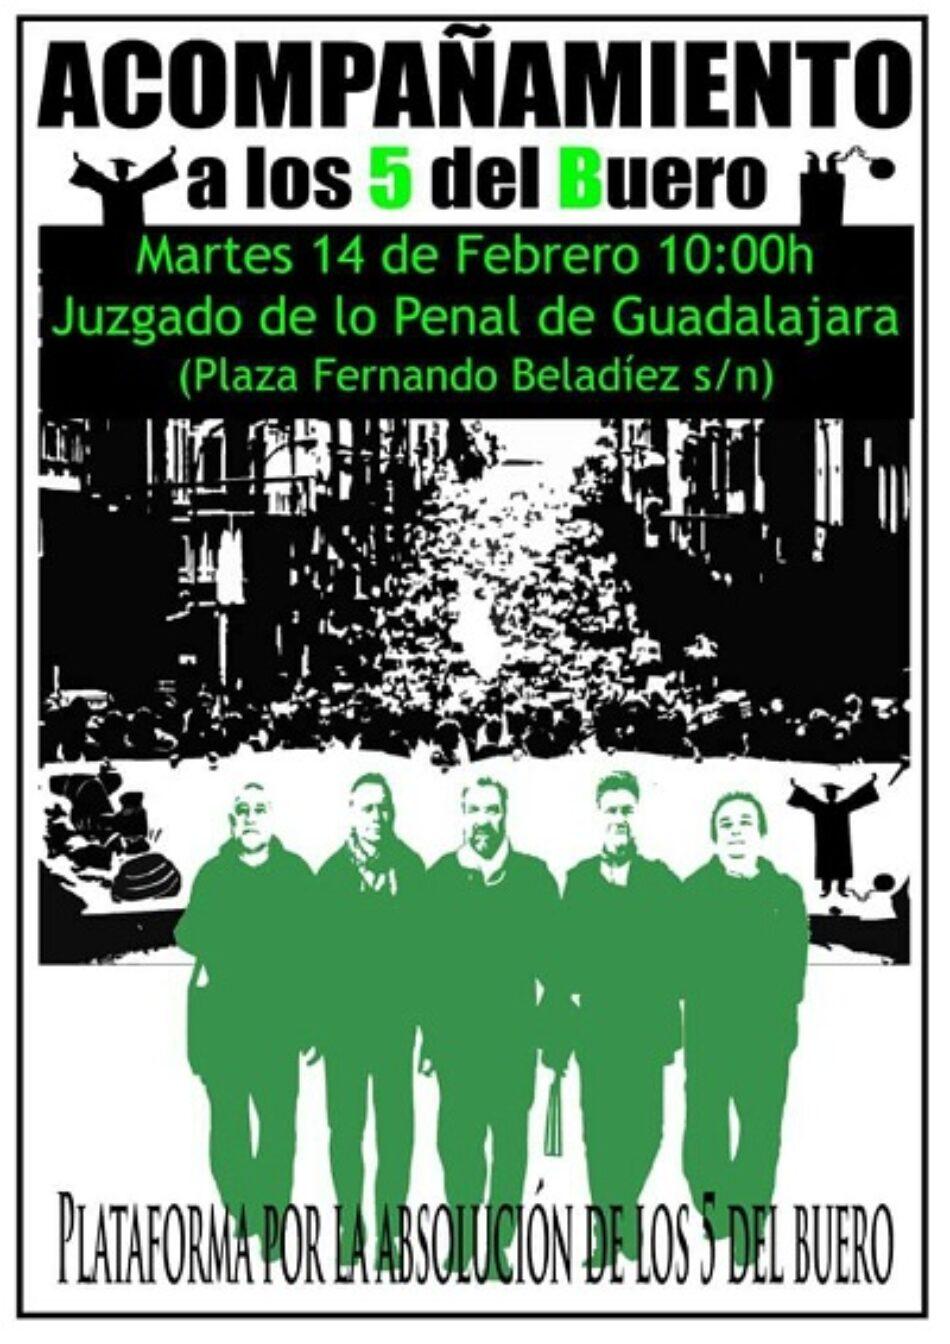 Acompañamiento a los 5 del Buero en el día en que el estado español los juzga